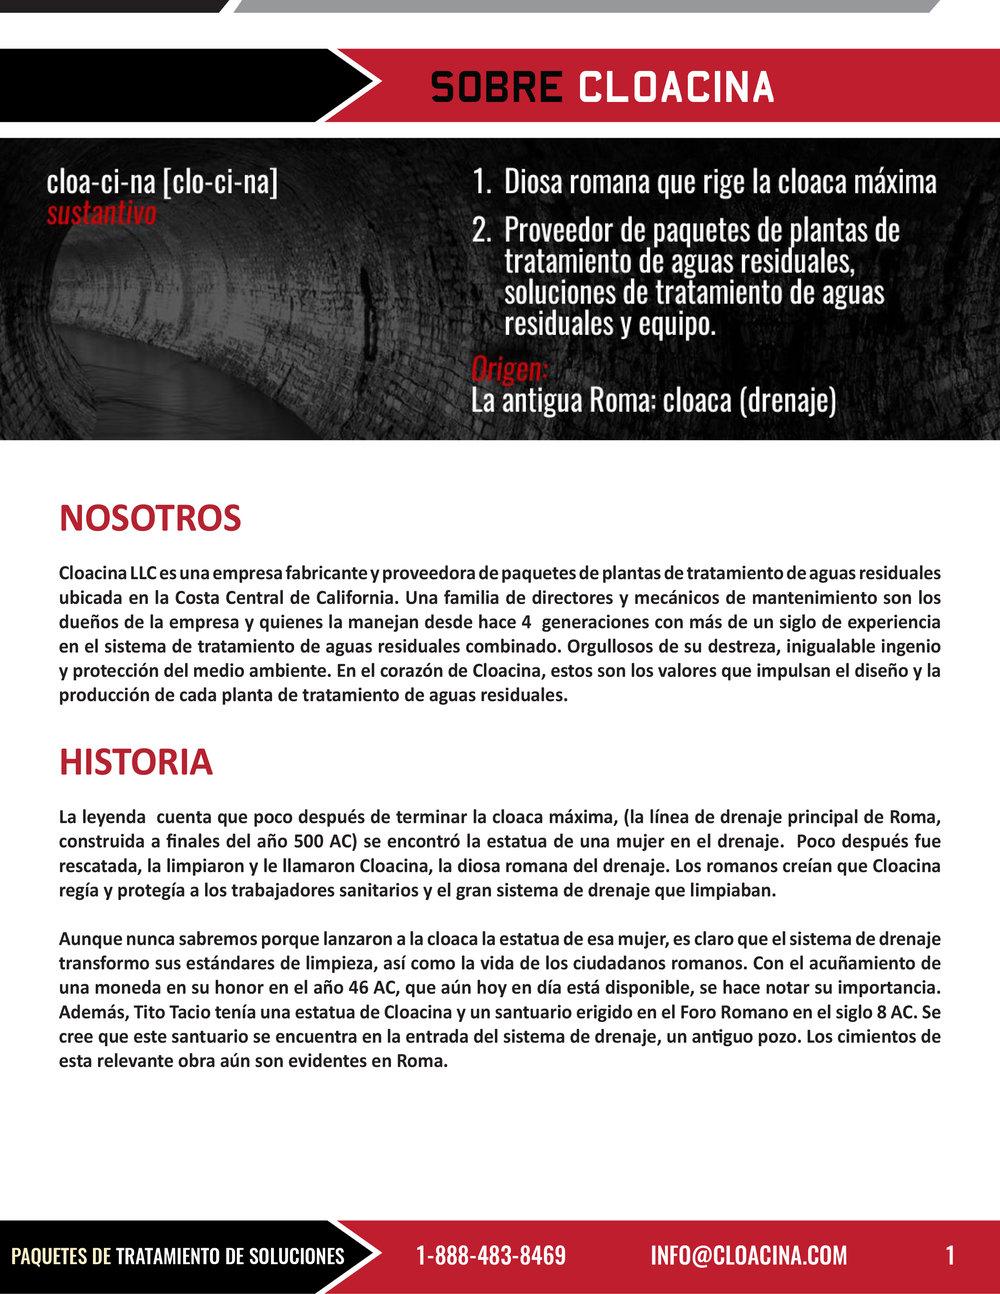 MEMPAC-I-Spanish copy-2.jpg